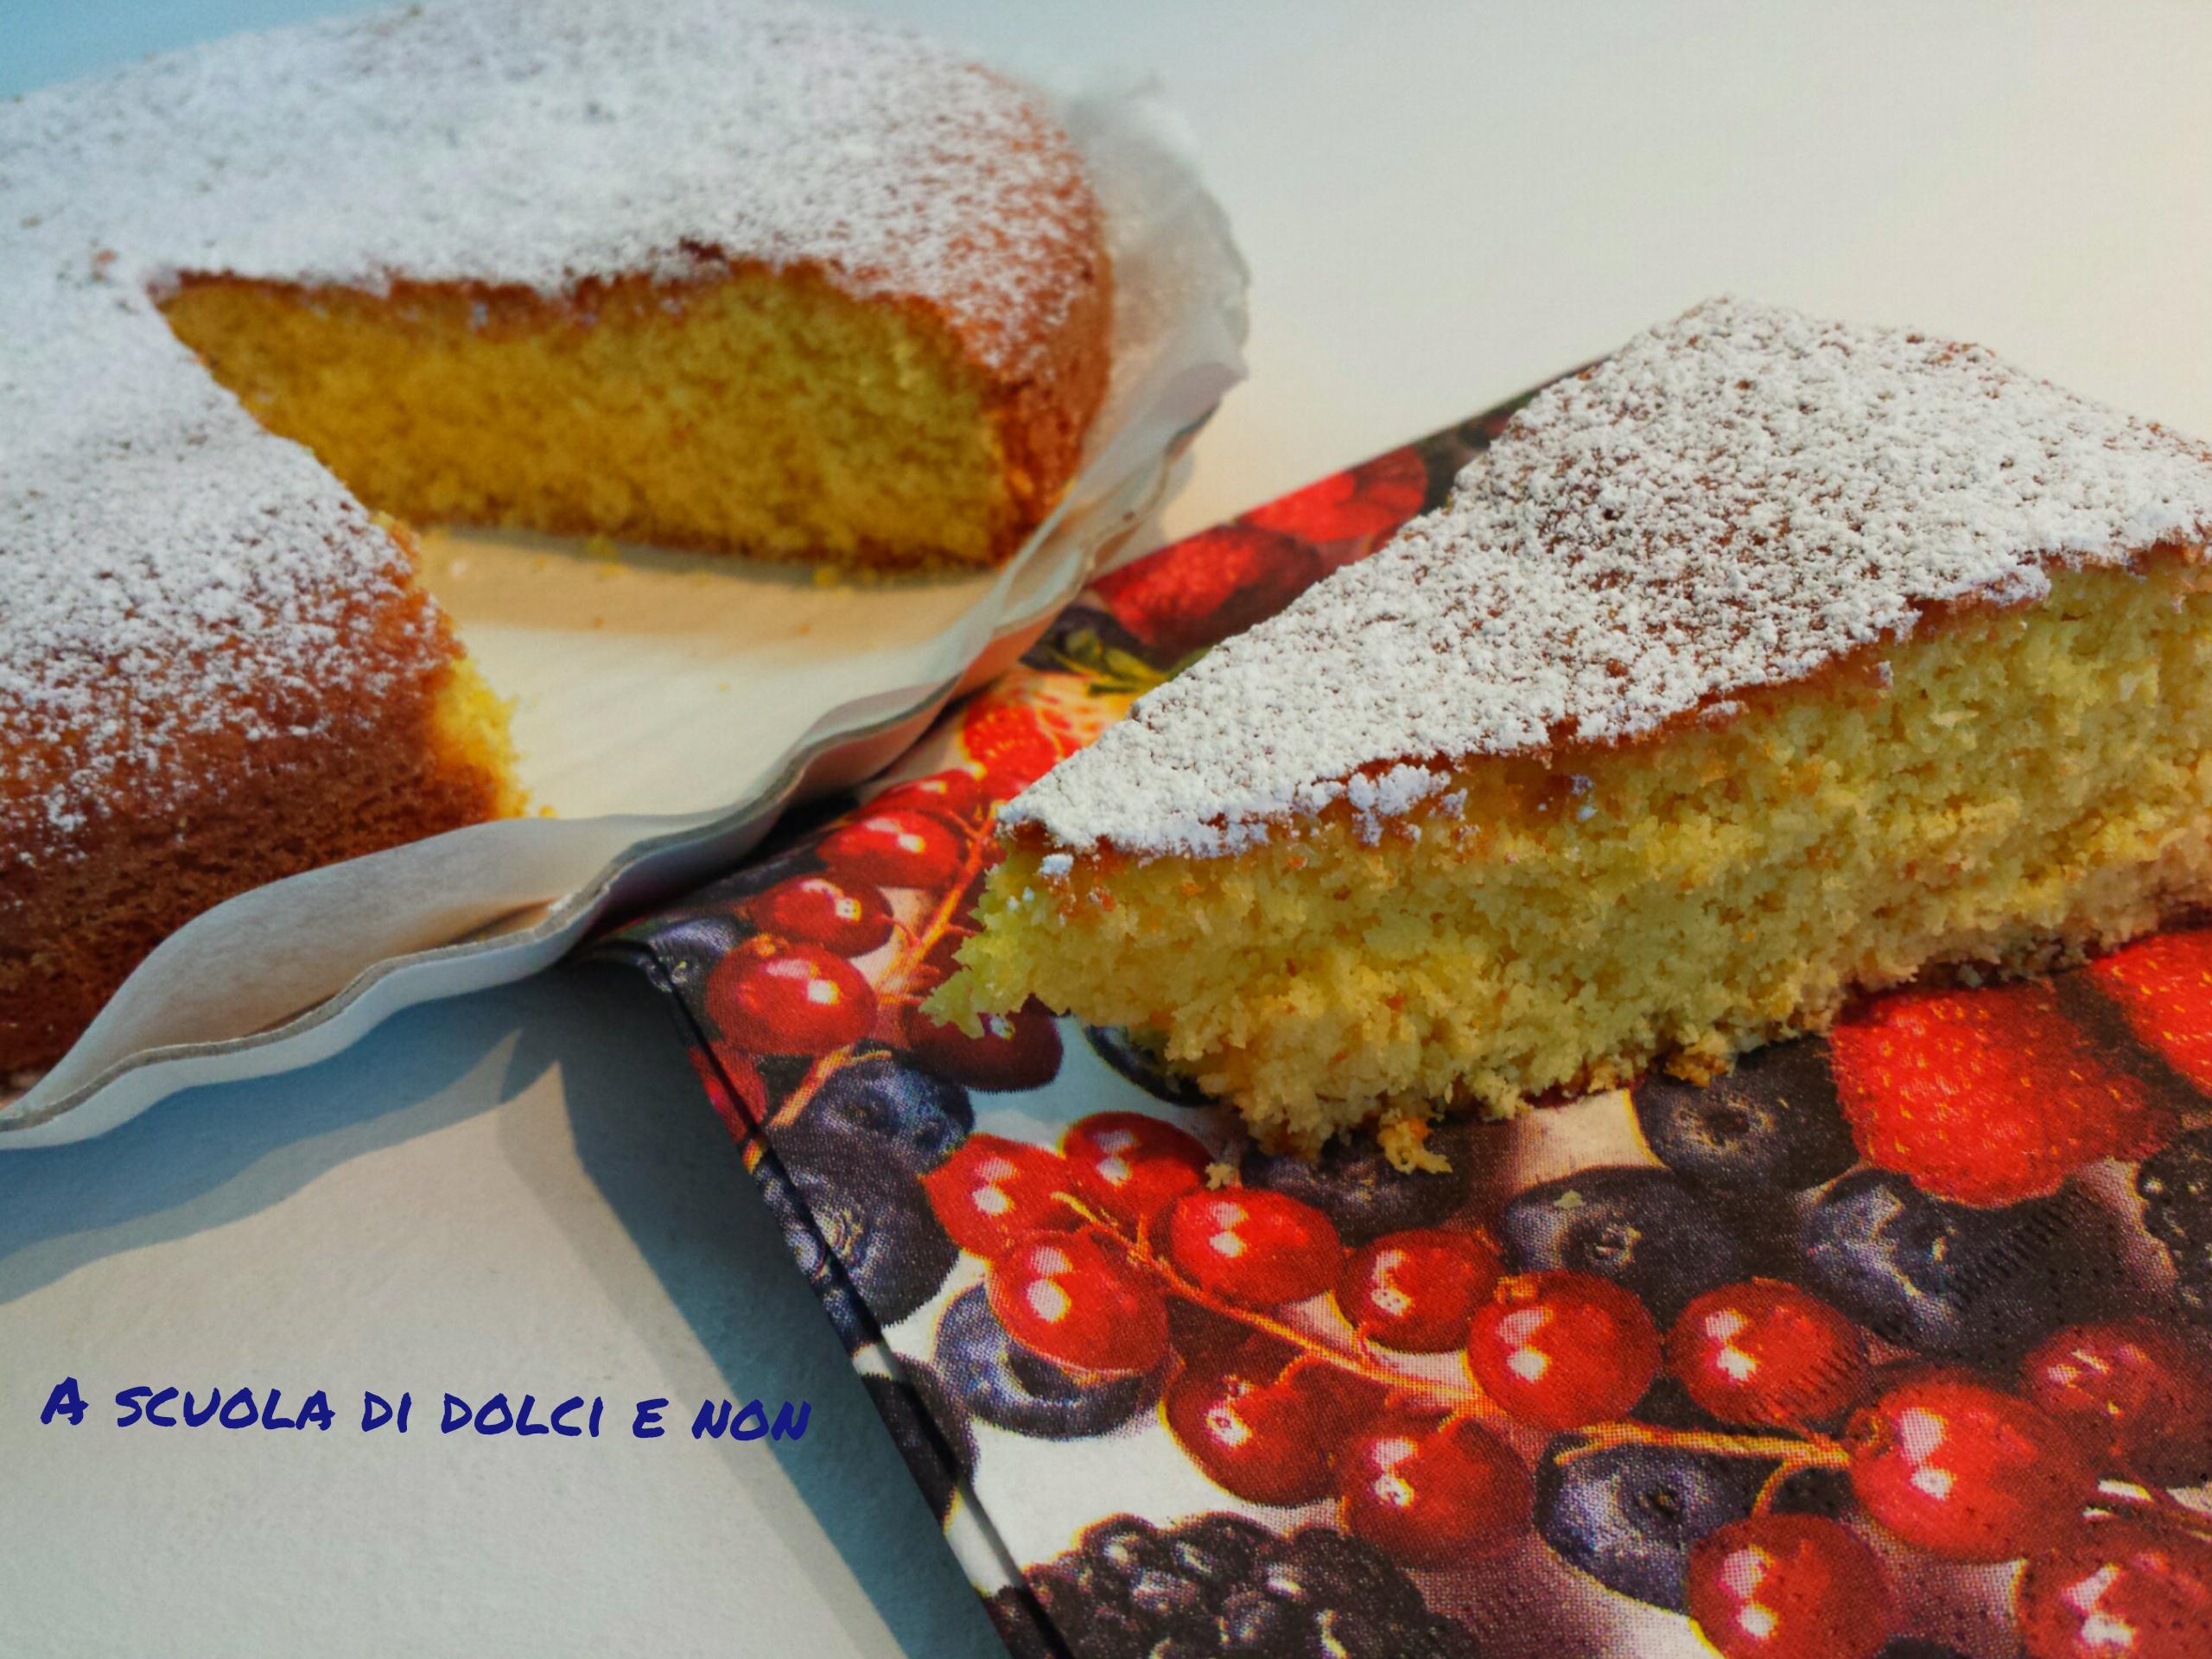 torta soffice al cocco senza glutine e senza lattosio